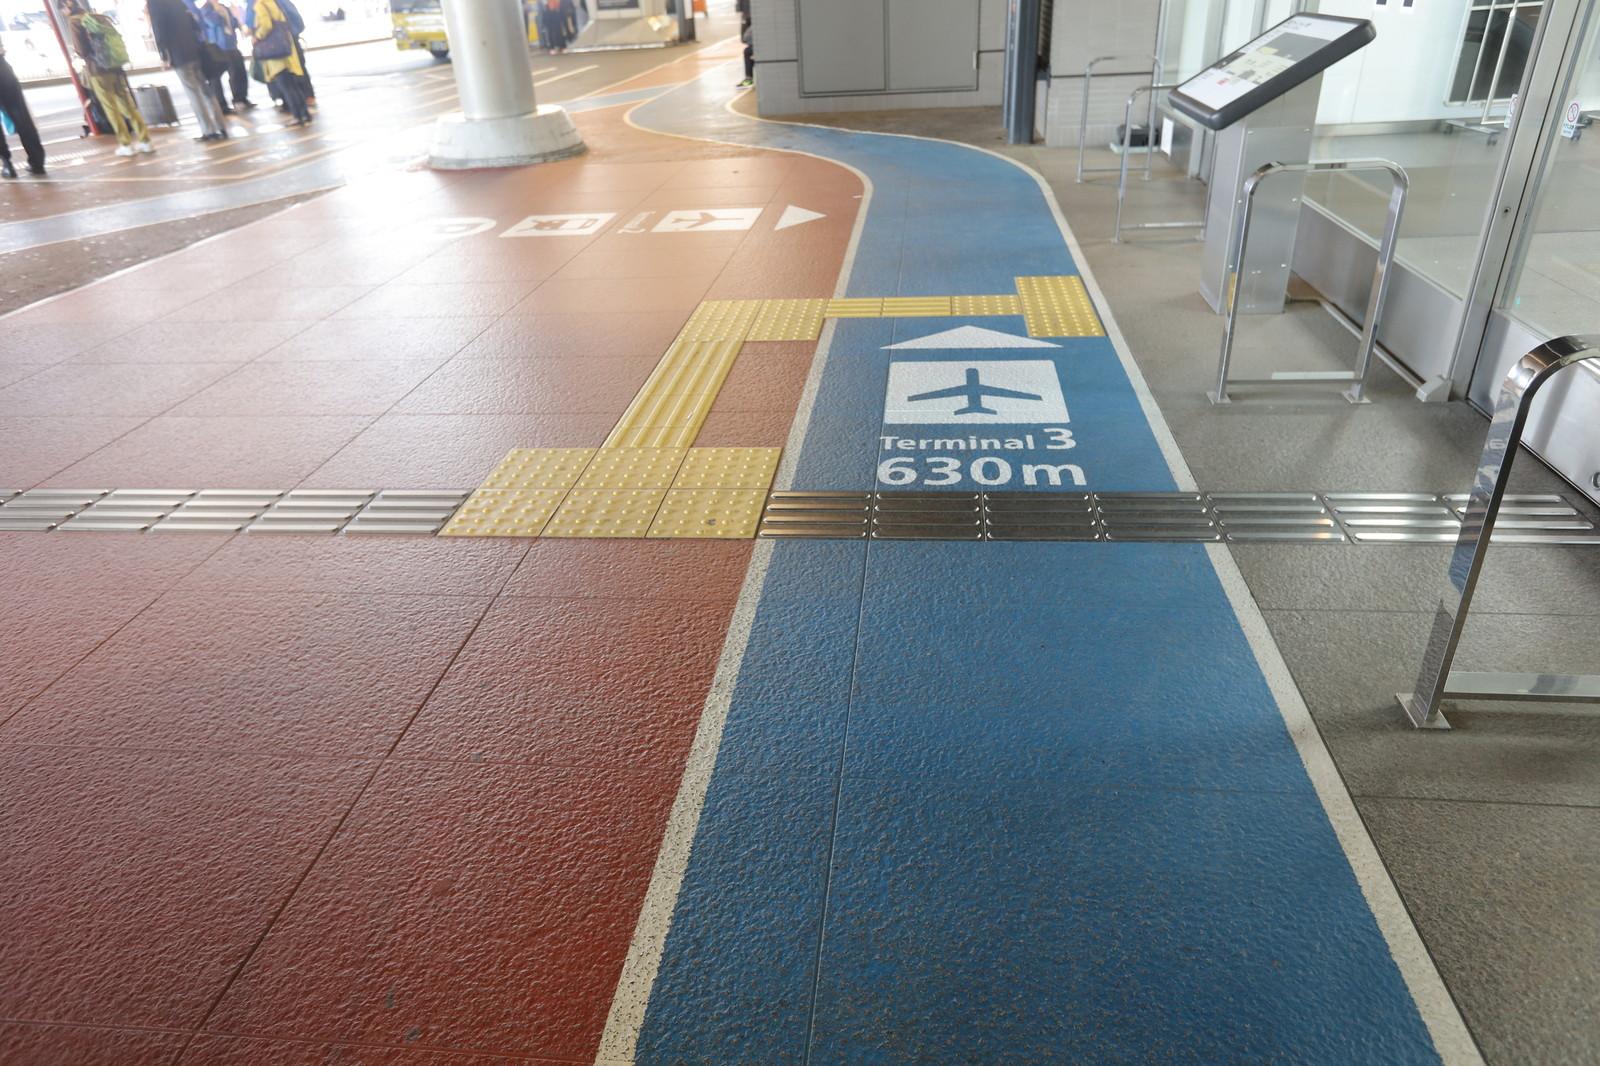 ターミナルへの案内図